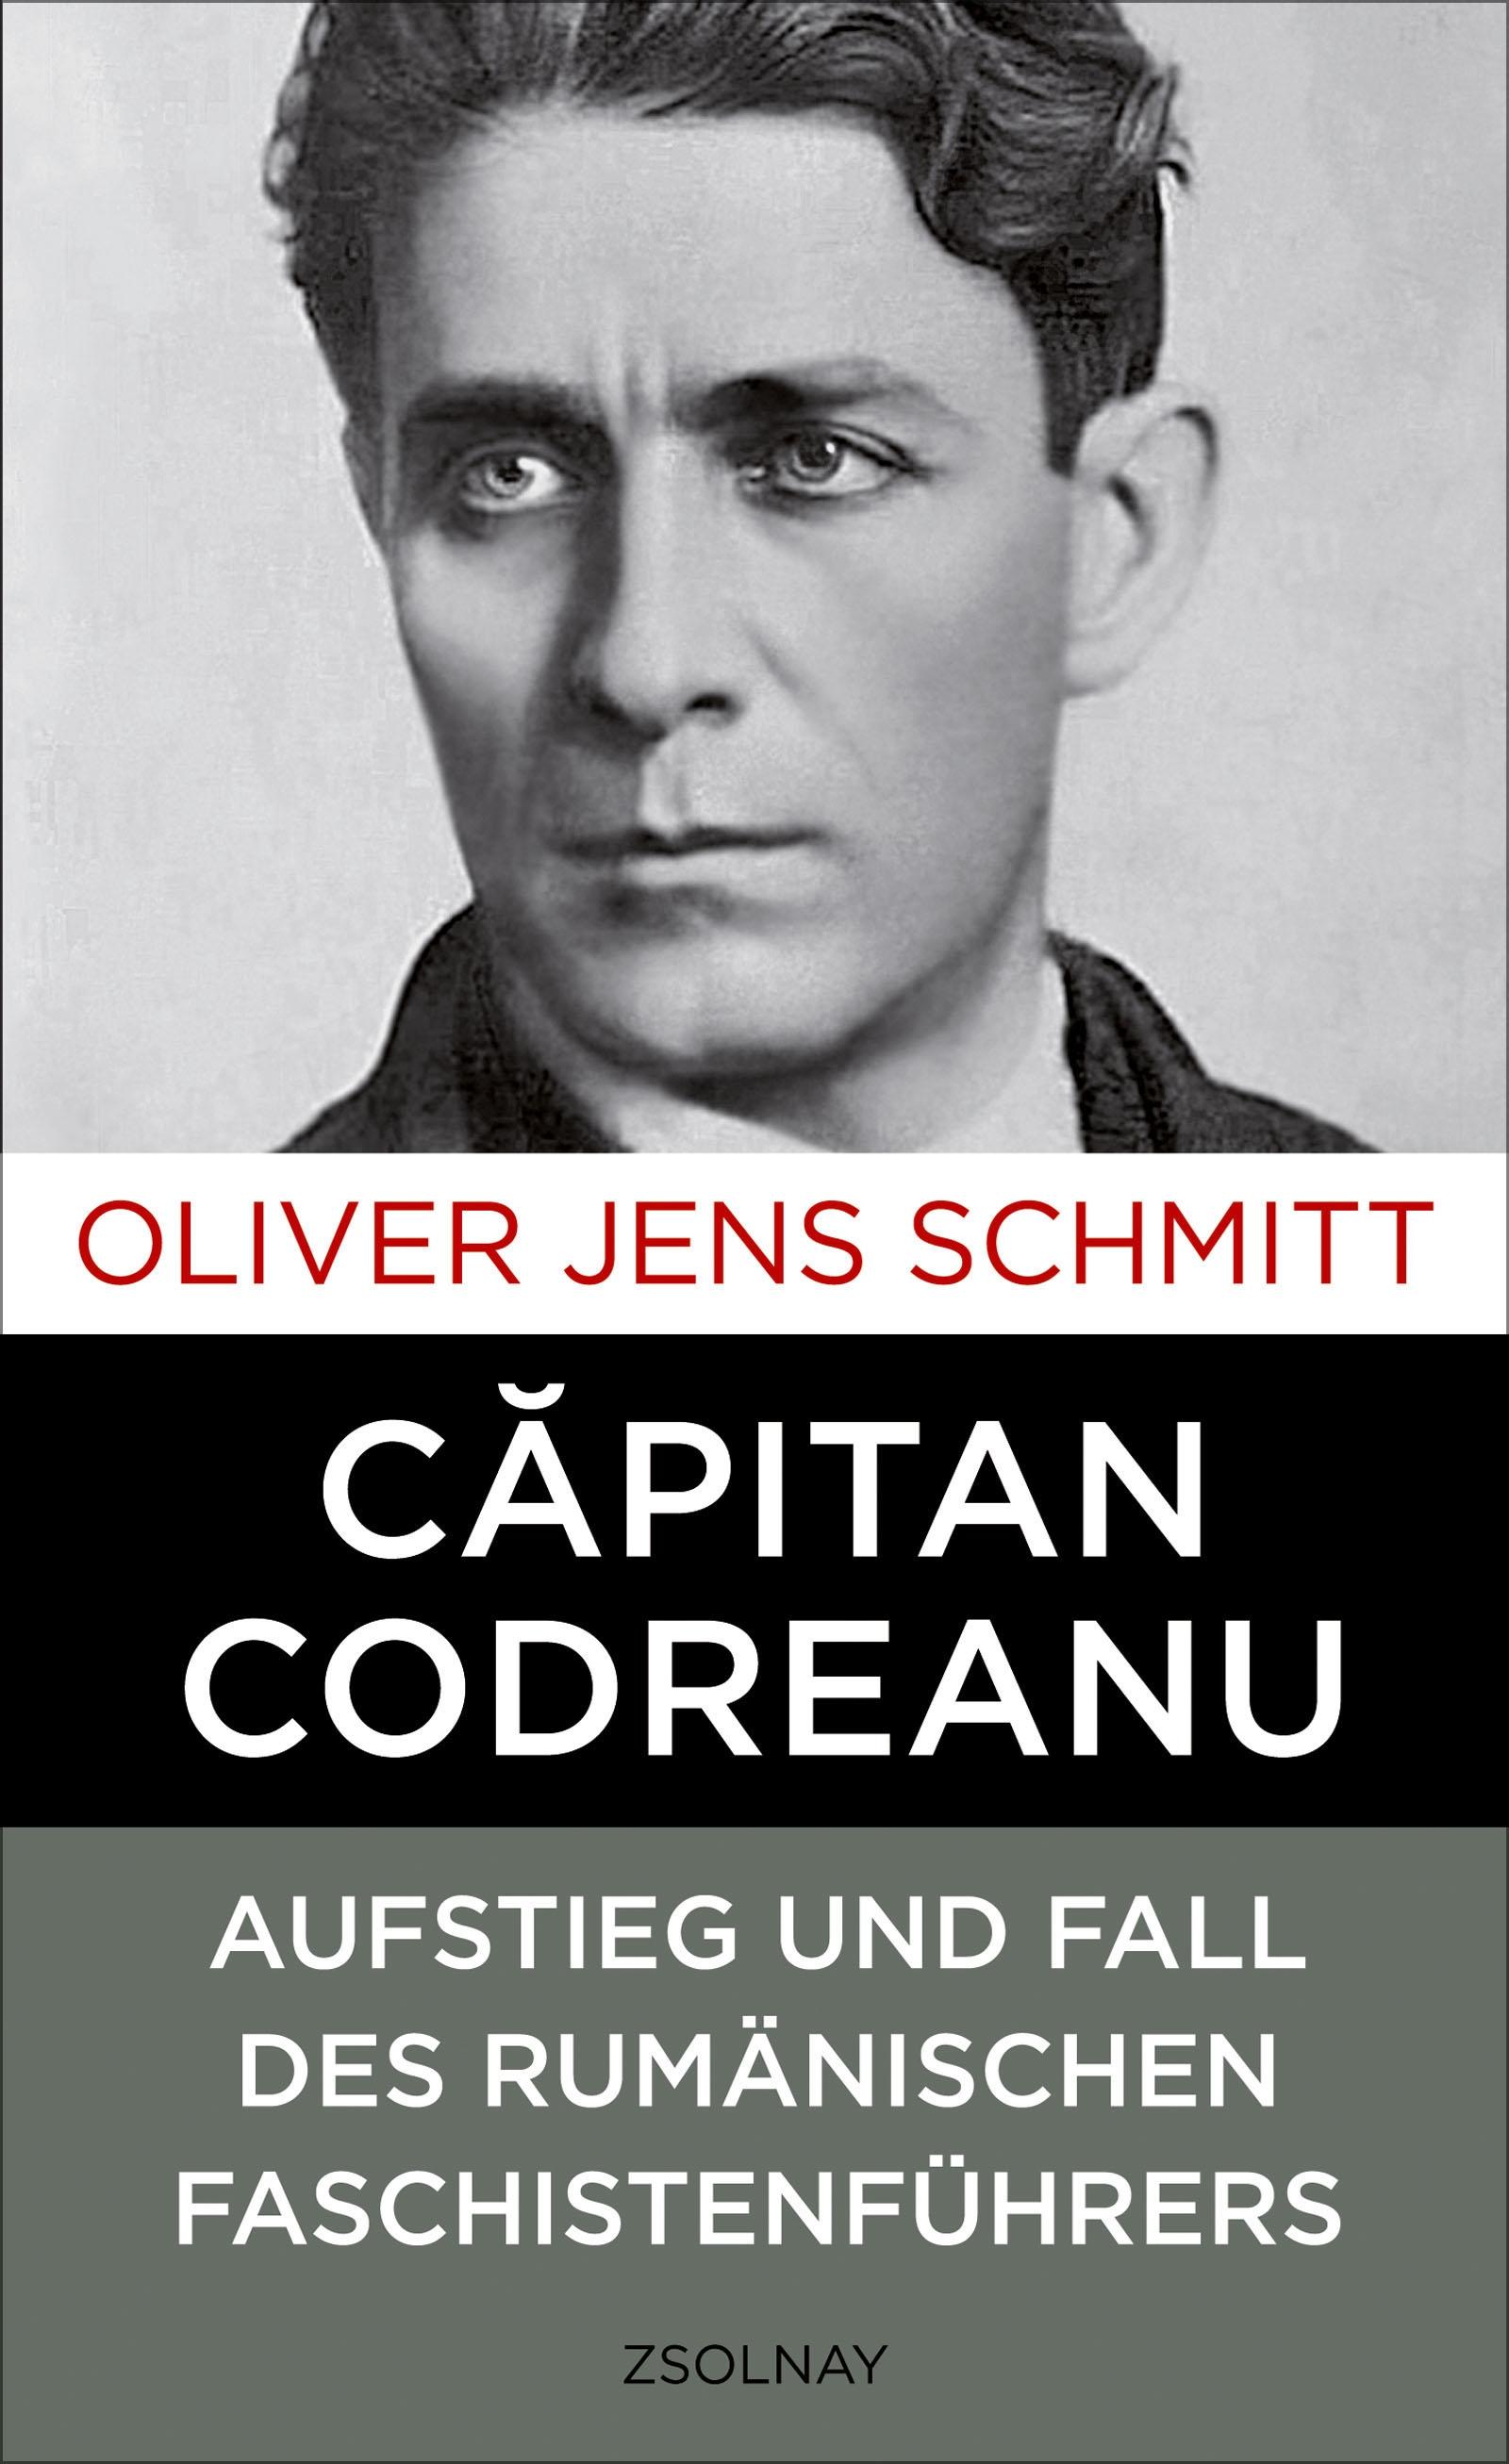 Capitan Codreanu.